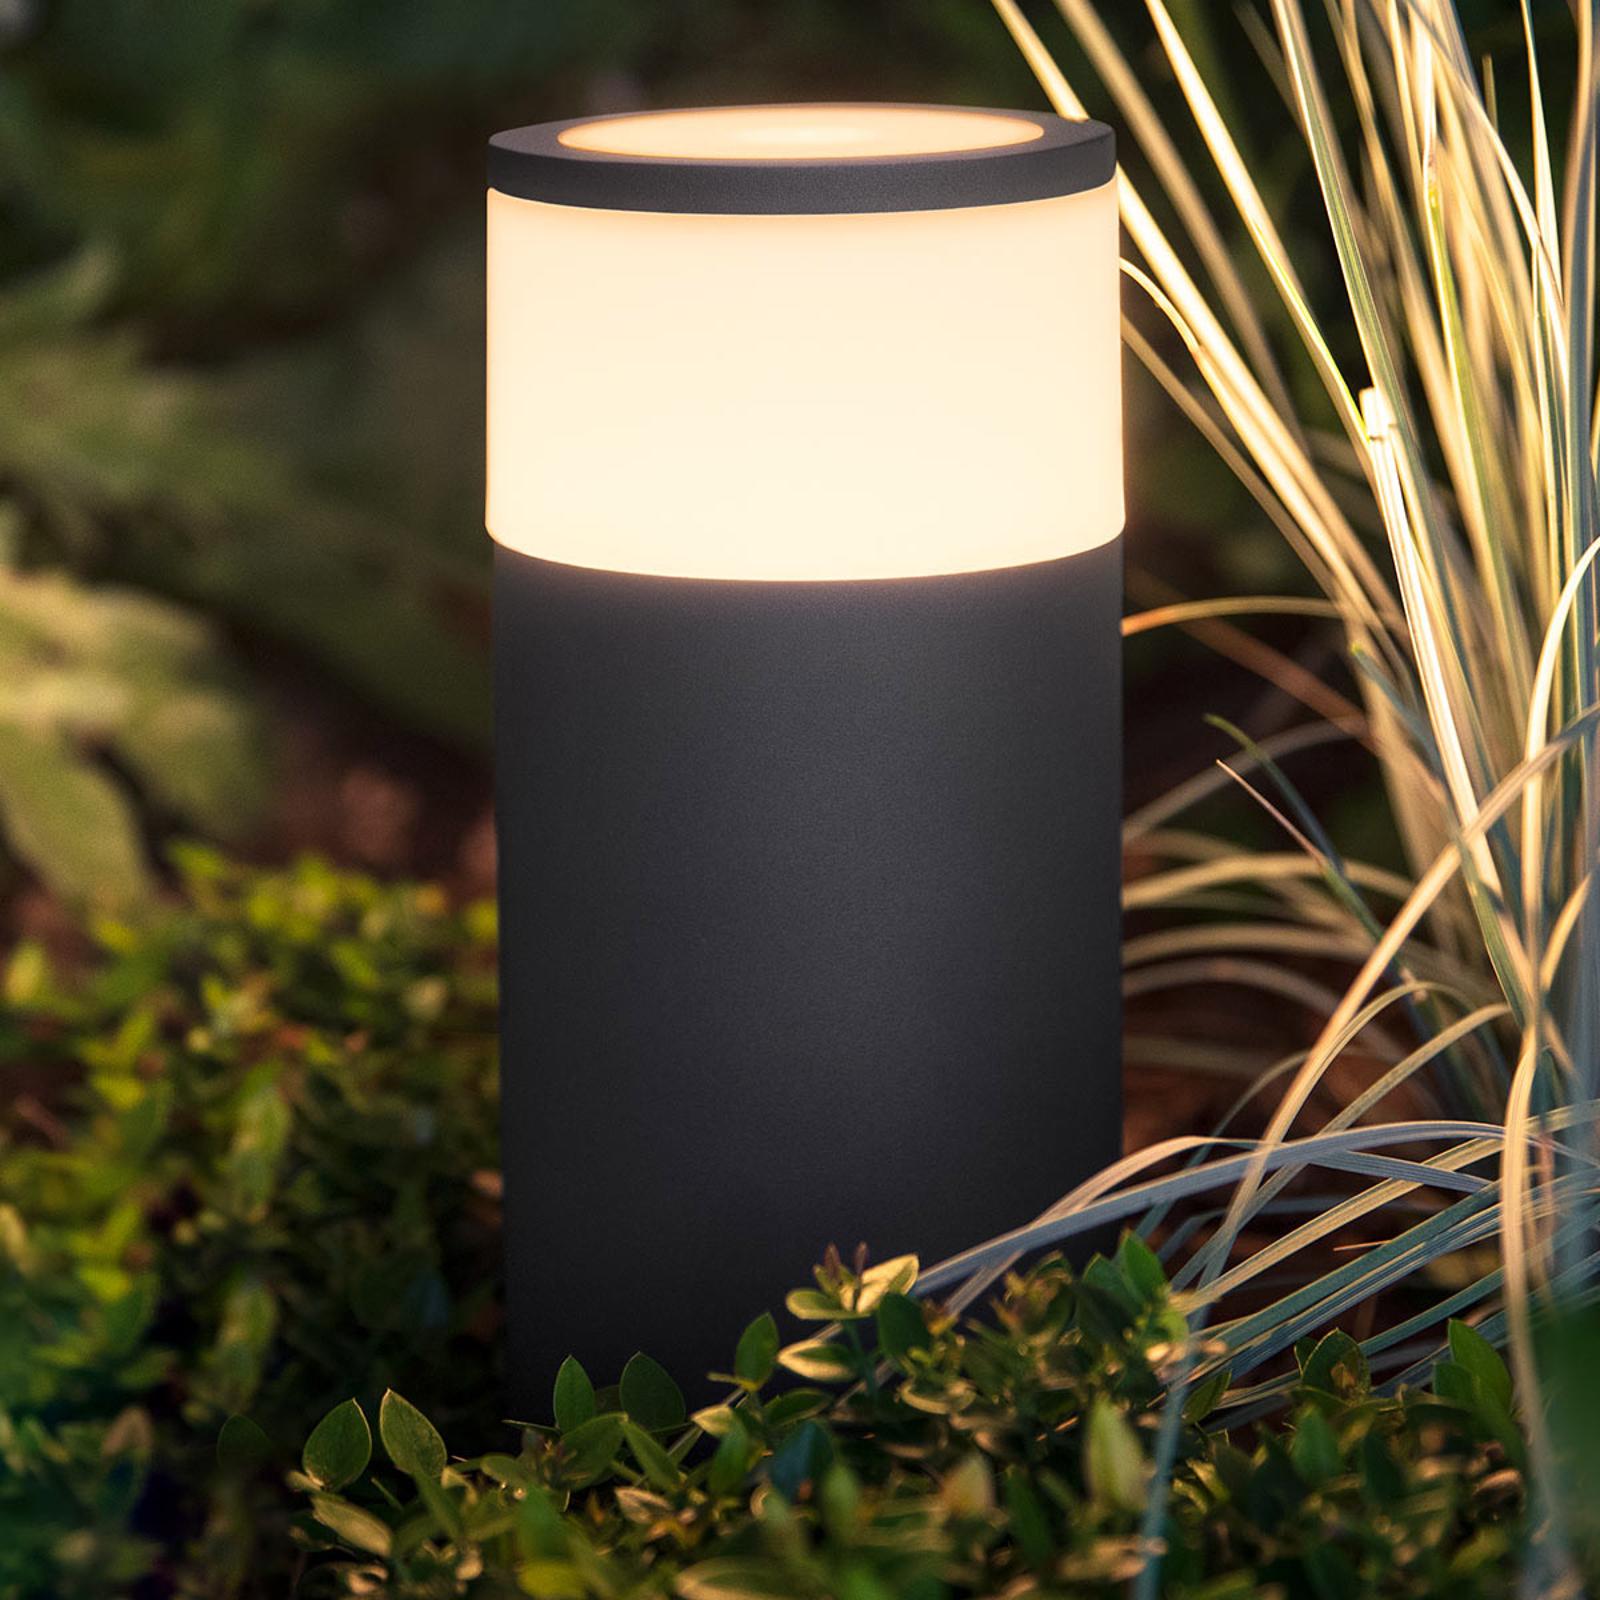 Philips Hue lampa cokołowa LED Calla, baza